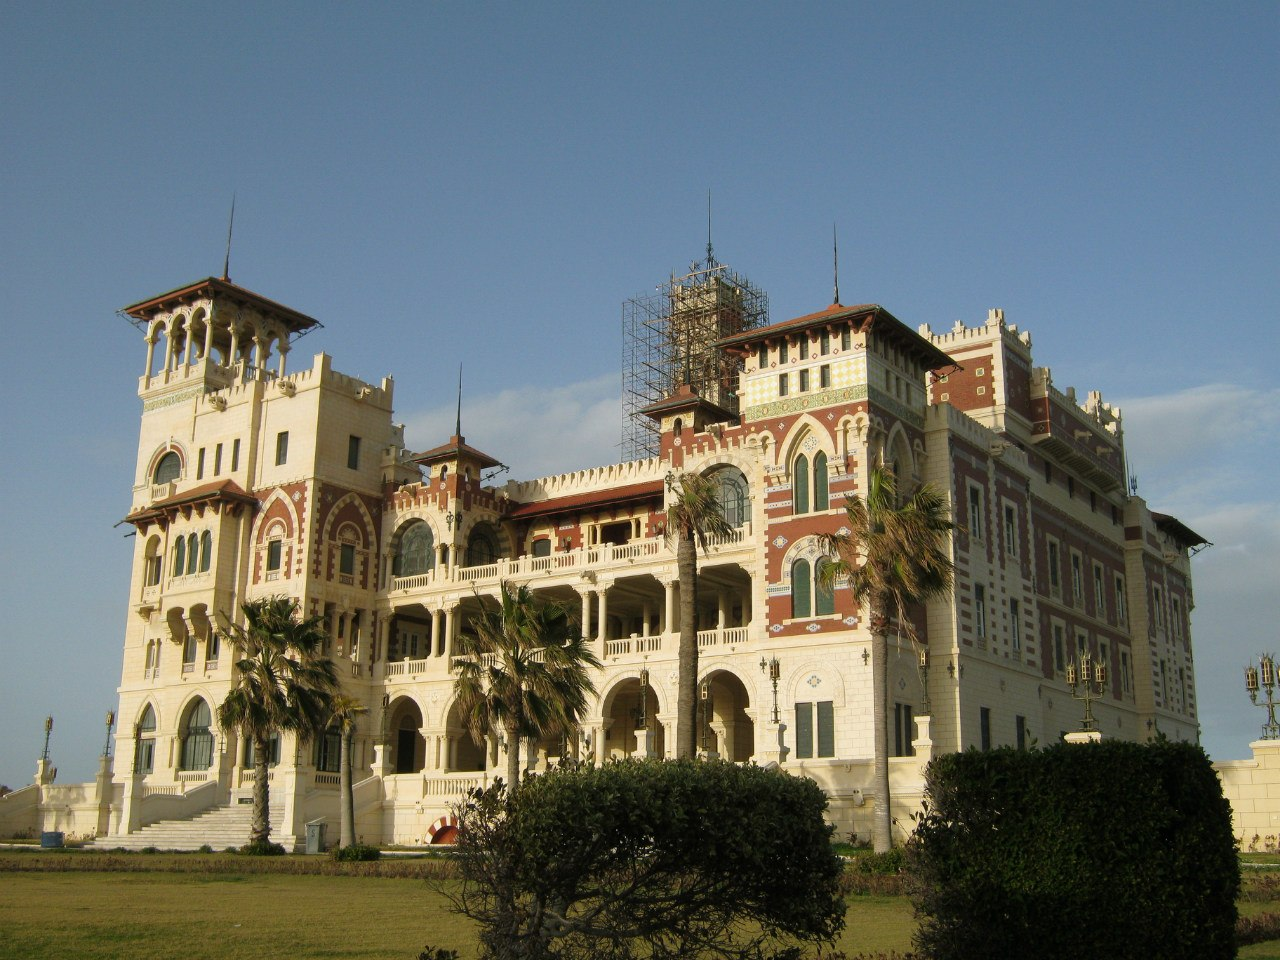 дворец султана в парке Монтаза